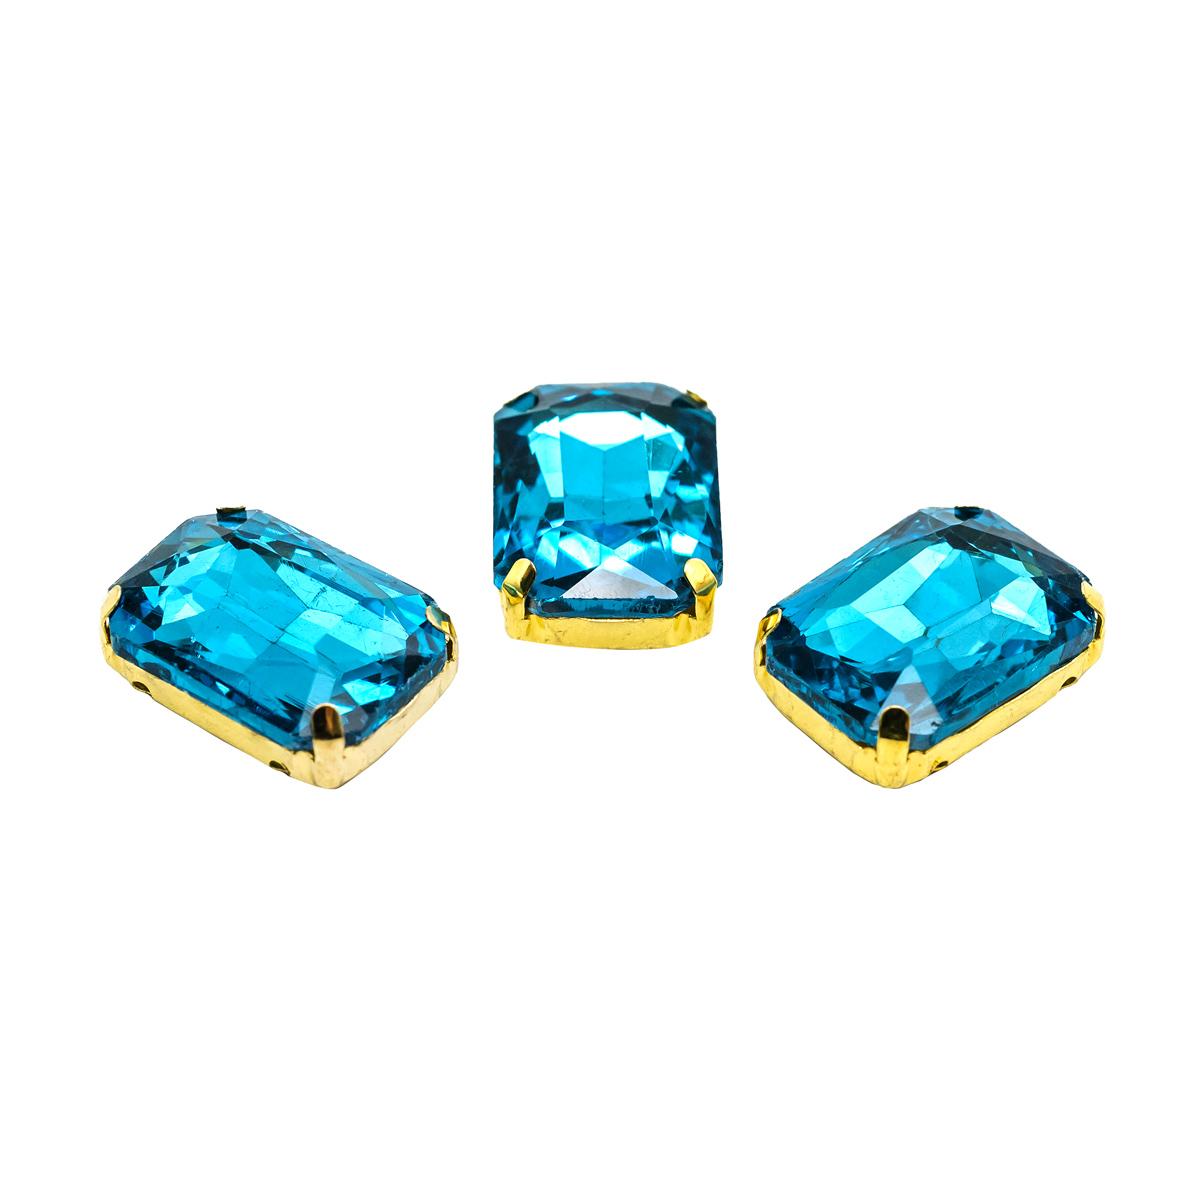 ПЦ008НН1318 Хрустальные стразы в цапах прямоугольные (золото) ярко-голубой 13*18мм, 3шт/упак Астра